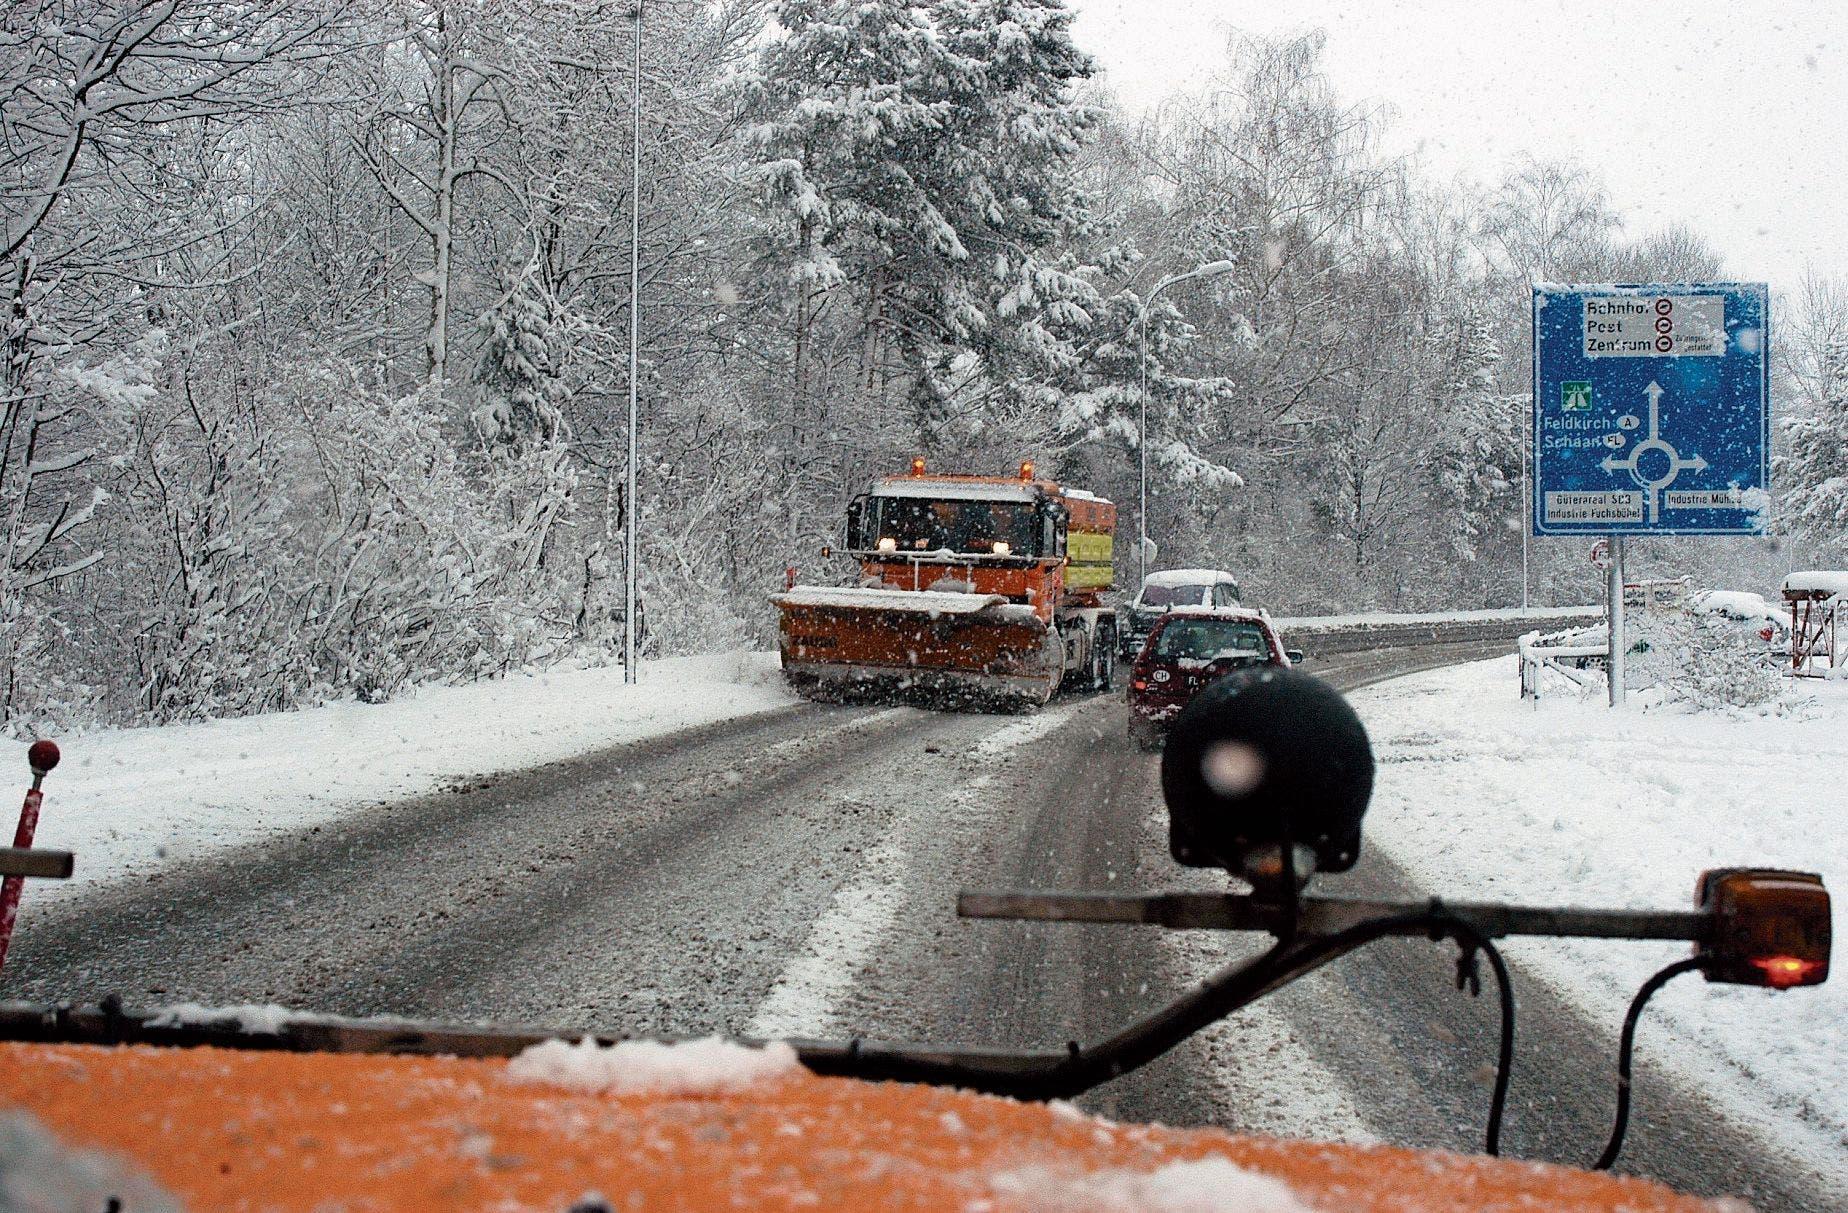 Das Team des Strassenkreisinspektorats Buchs besorgt den Winterdienst auf dem 152 Kilometer langen Kantonsstrassennetz in seinem Einzugsgebiet. Einsätze wie auf unserem Bild gab es in diesem Winter in Tallagen noch keine.